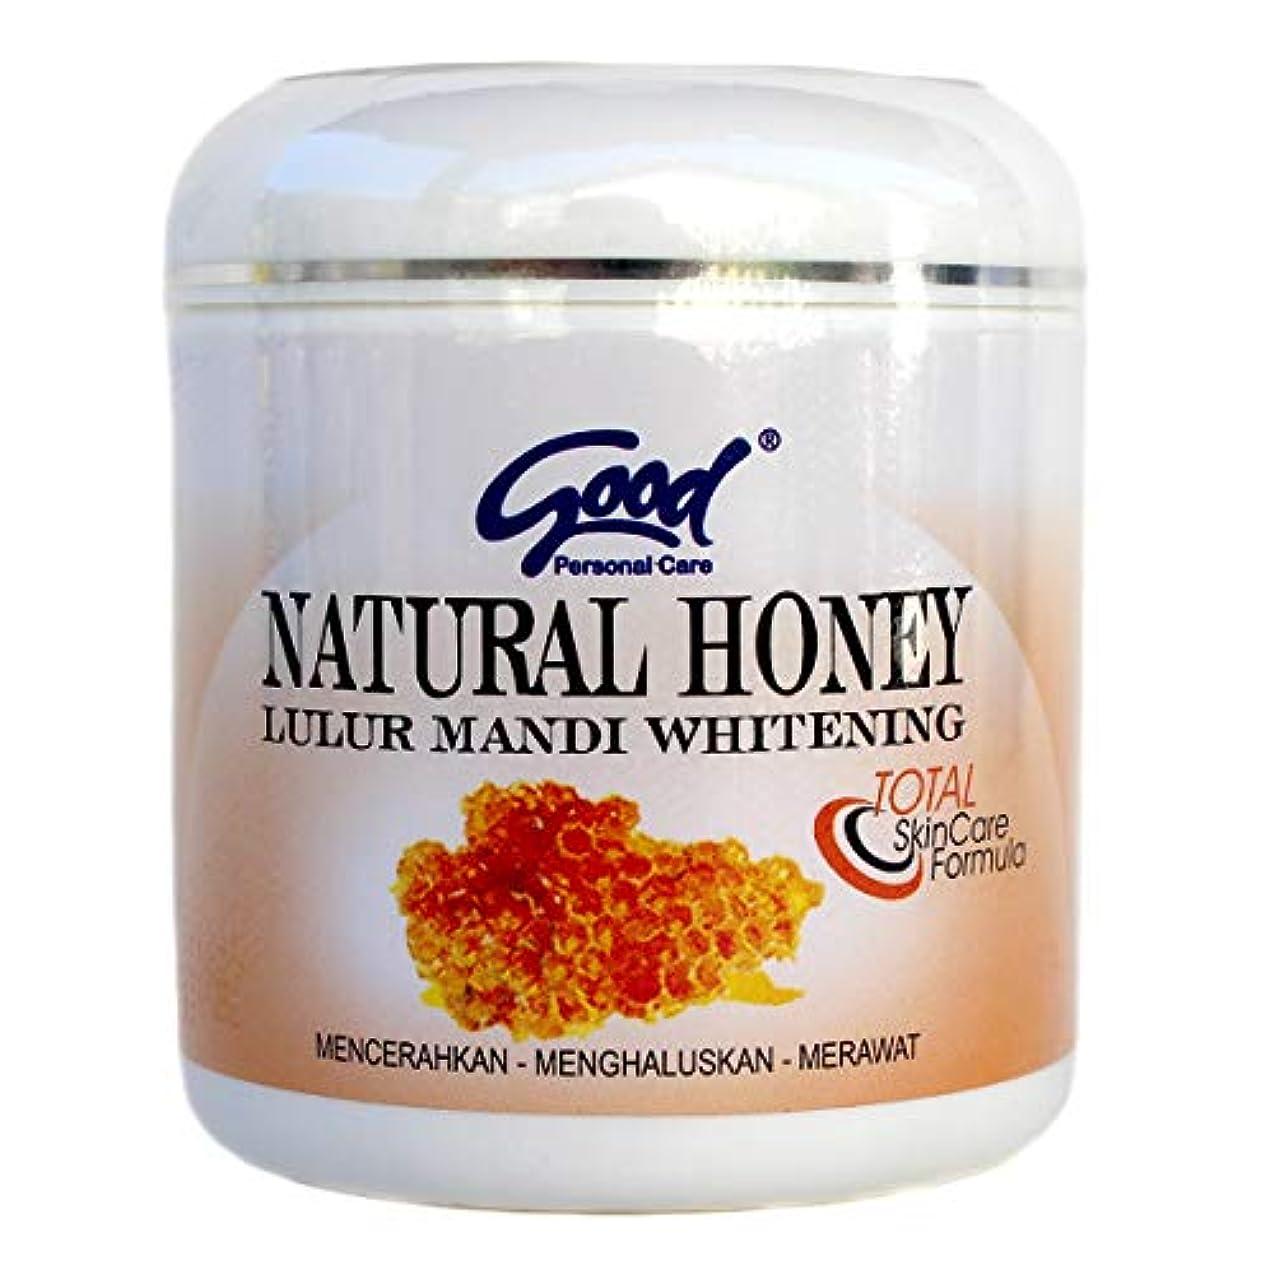 自信がある里親ブロンズgood グッド インドネシアバリ島の伝統的なボディスクラブ Lulur Mandi マンディルルール 200g Natural Honey ナチュラルハニー [海外直送品]